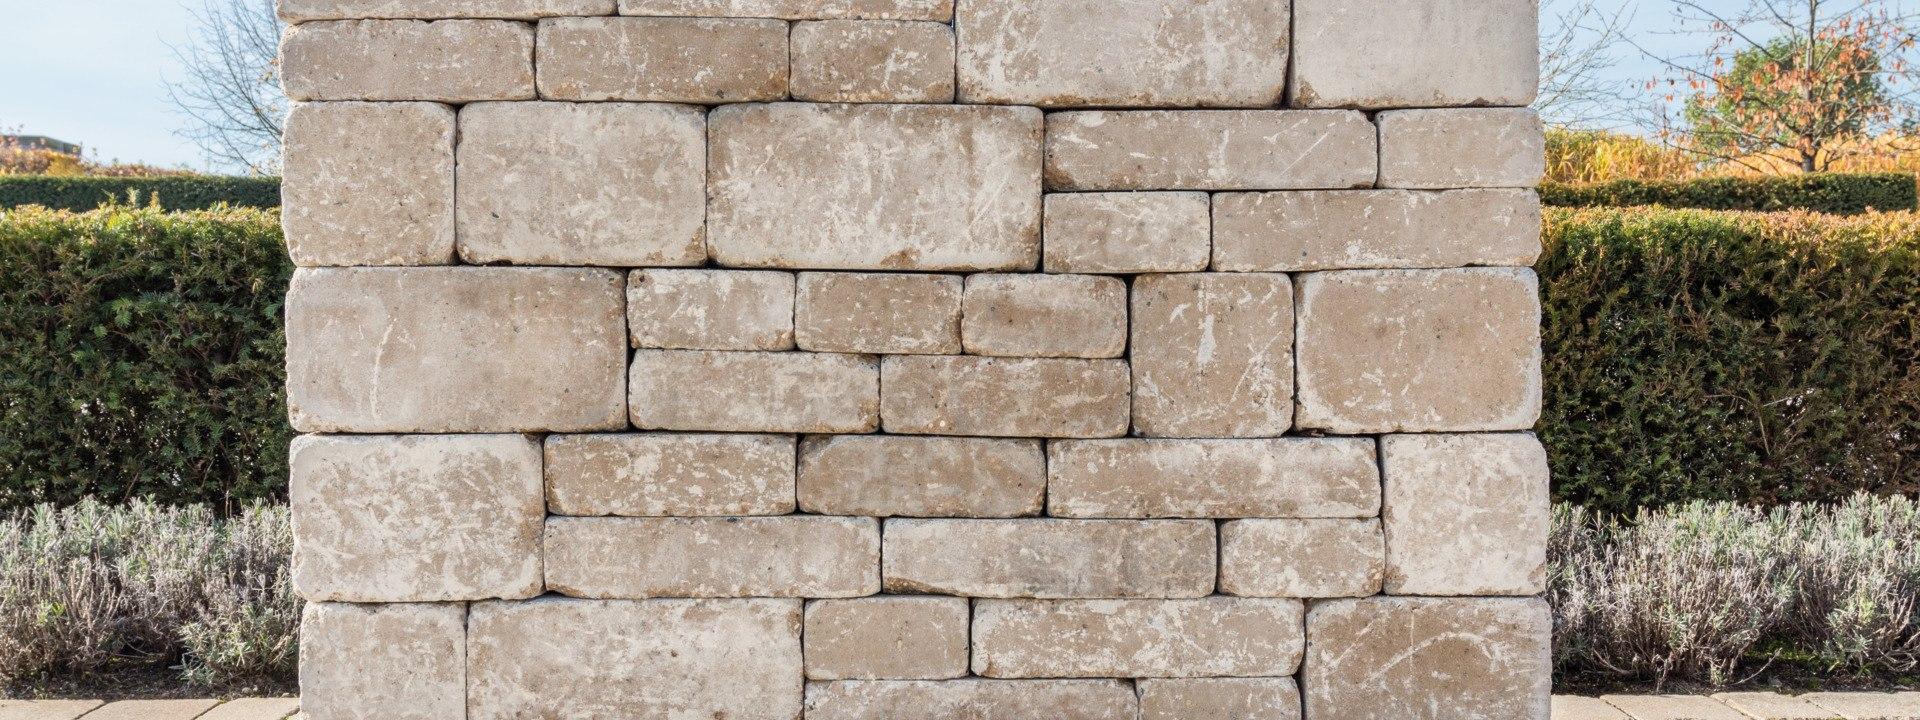 Gepflasterte Steinmauer aus Sandstein und Hecke und bepflanztes Beet und Baeume und Hecken